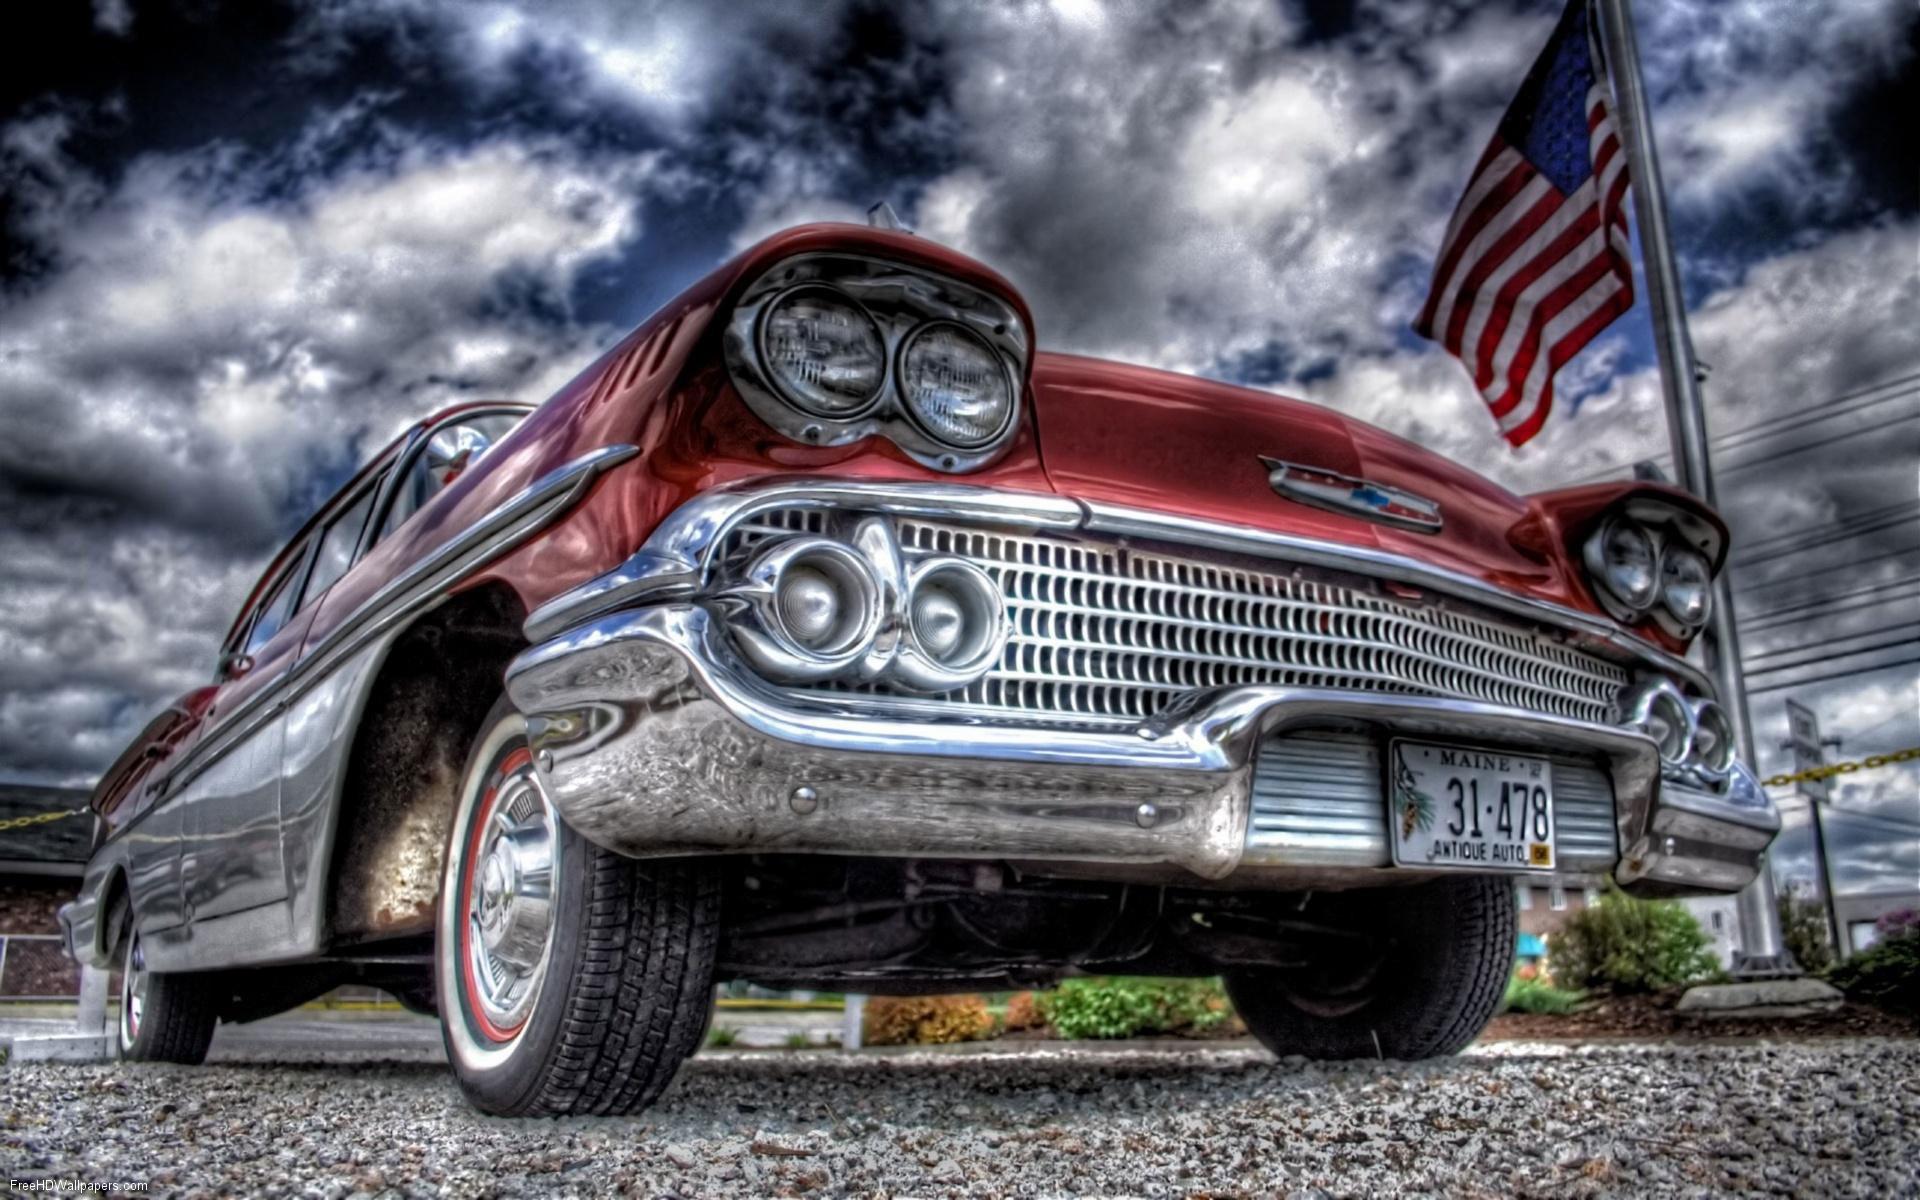 Vintage Car Wallpaper 76 Images